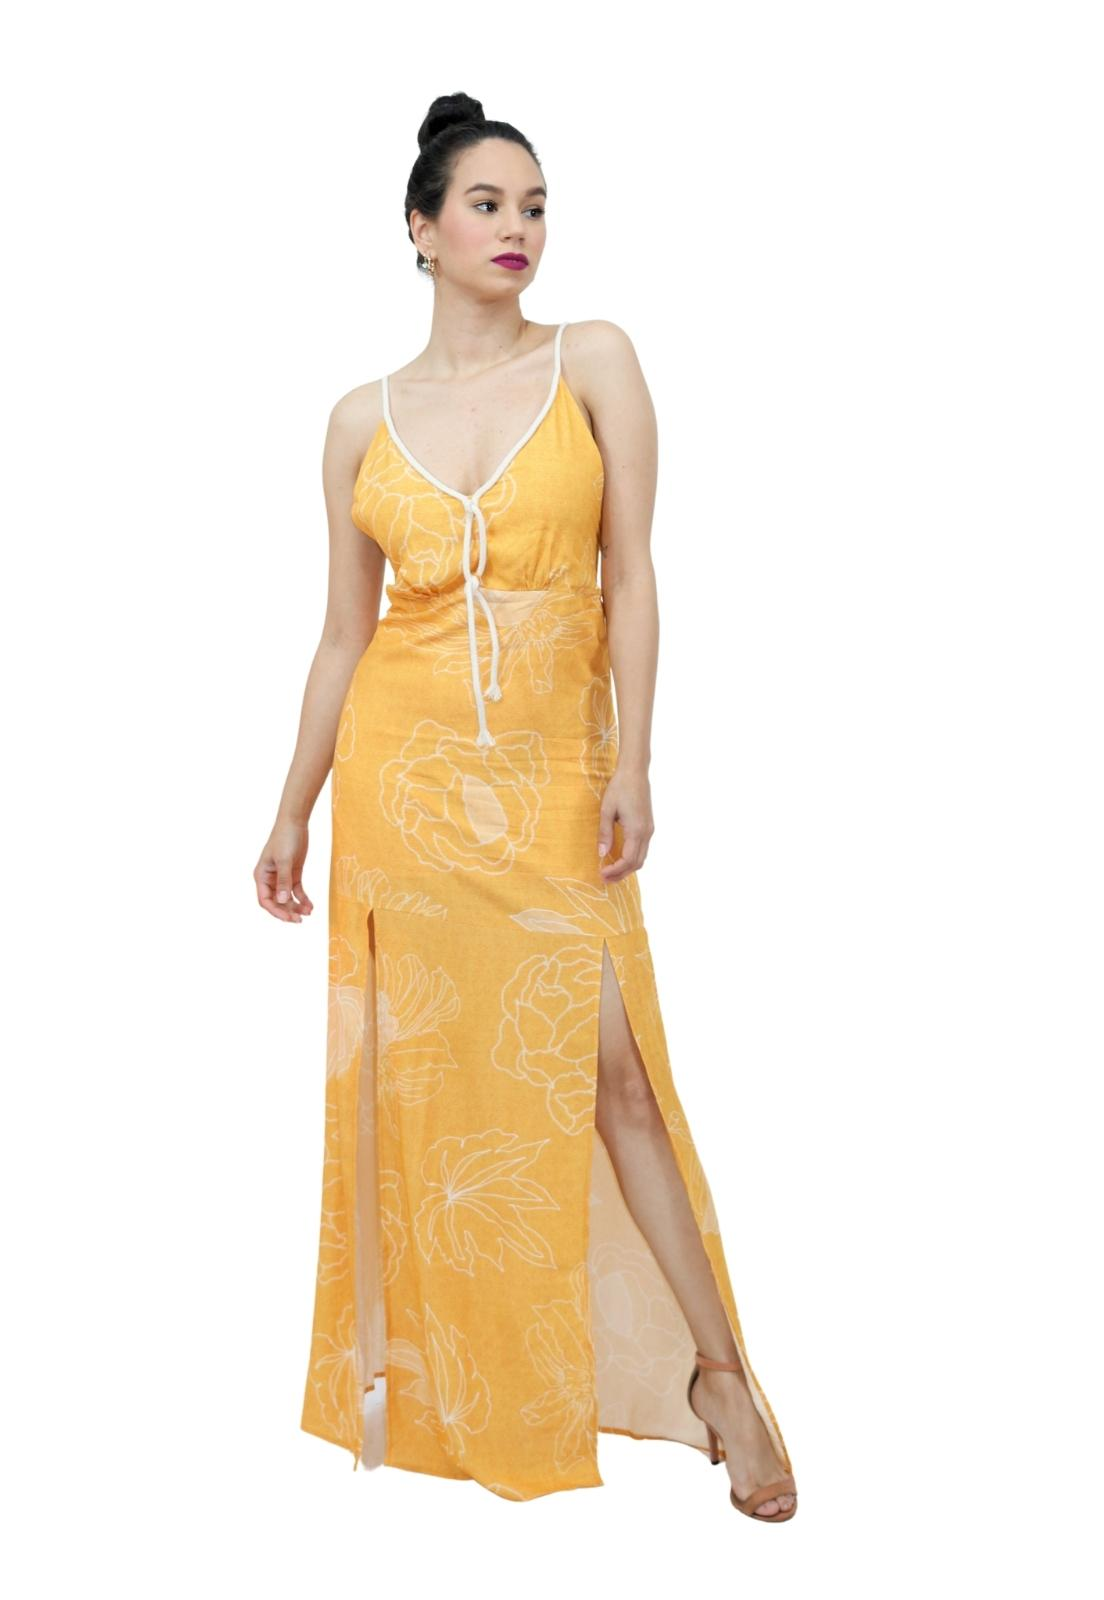 Vestido Feminino Longo Viscose Fenda Frontal Detalhe Cordão